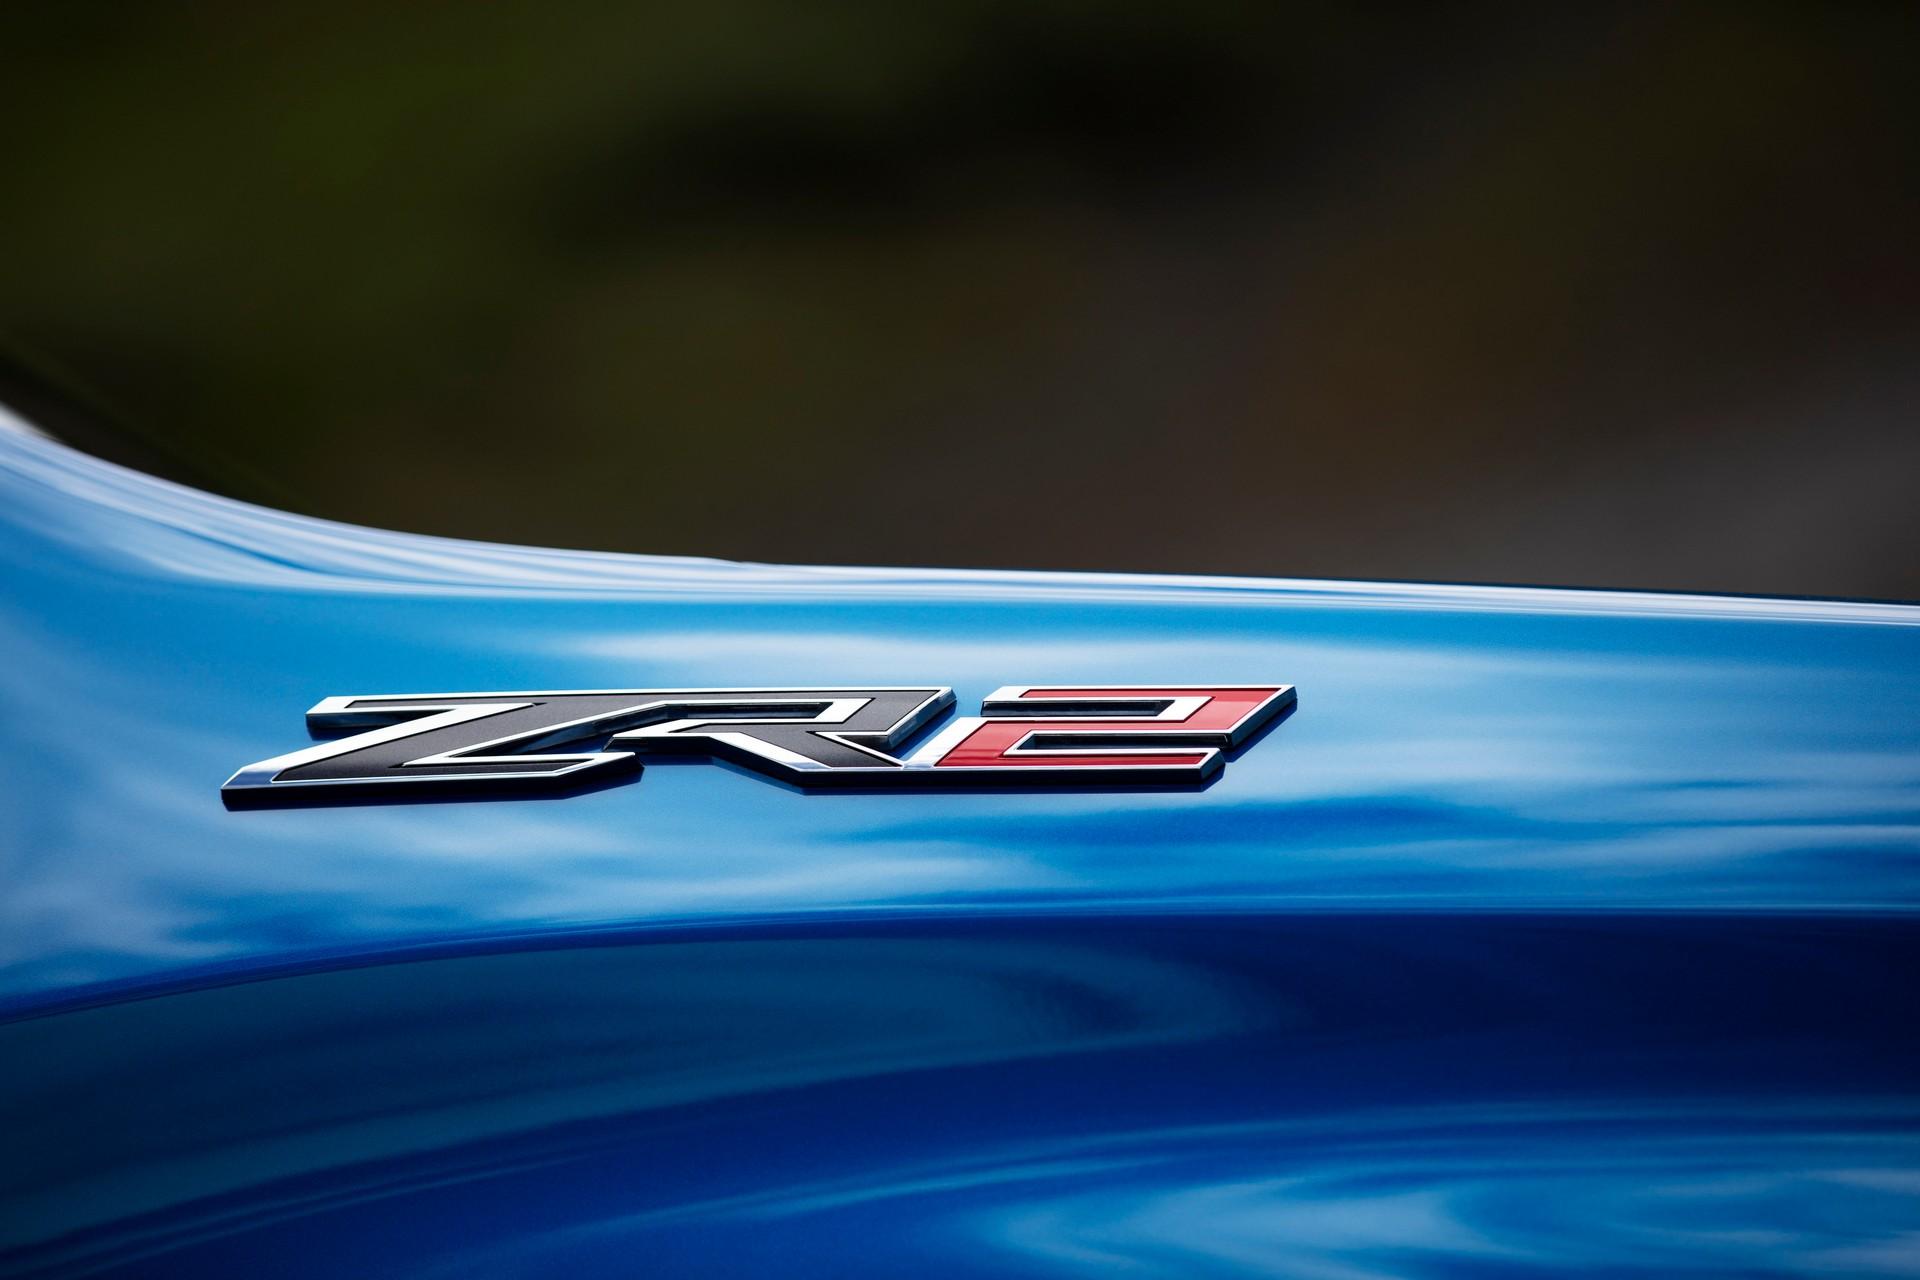 2022 Chevrolet Silverado ZR2 Badge Wallpapers (9)